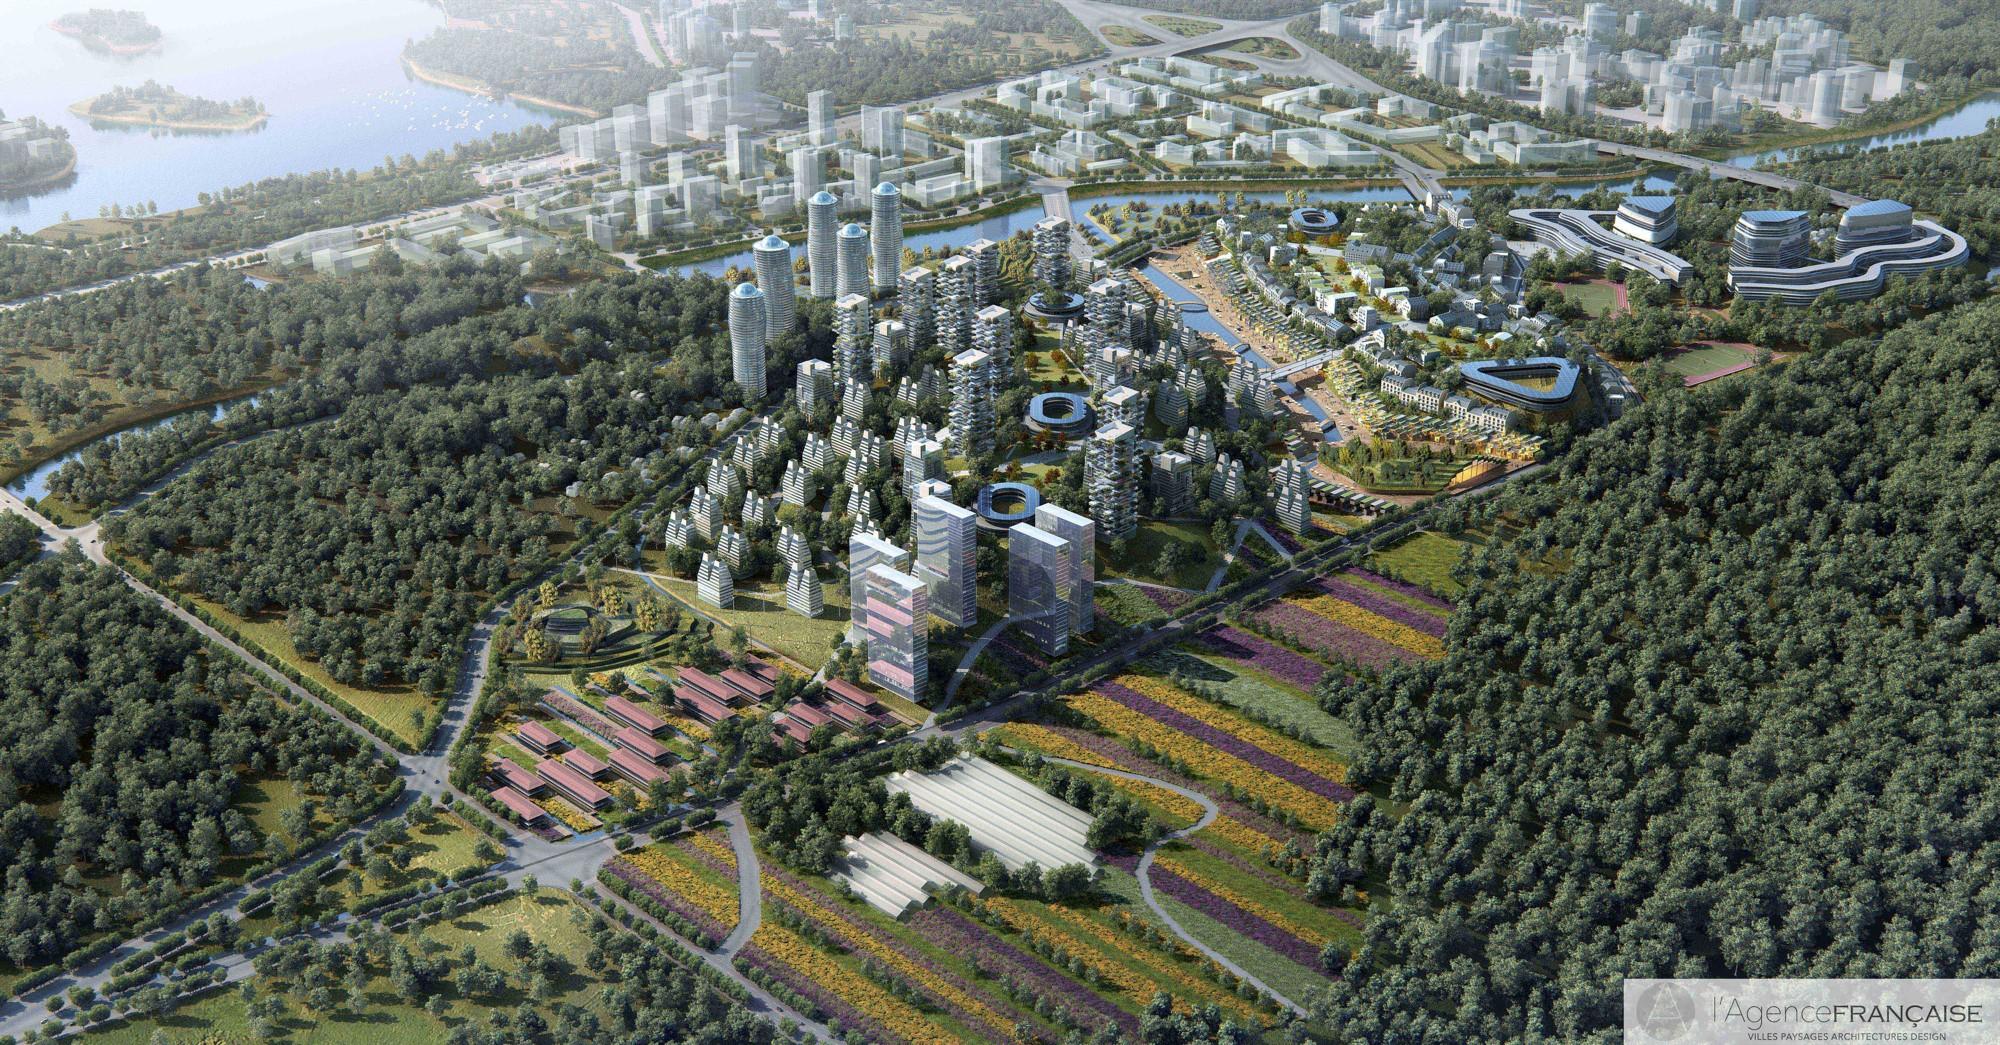 Ville durable : Vallée des fleurs de Chengdu